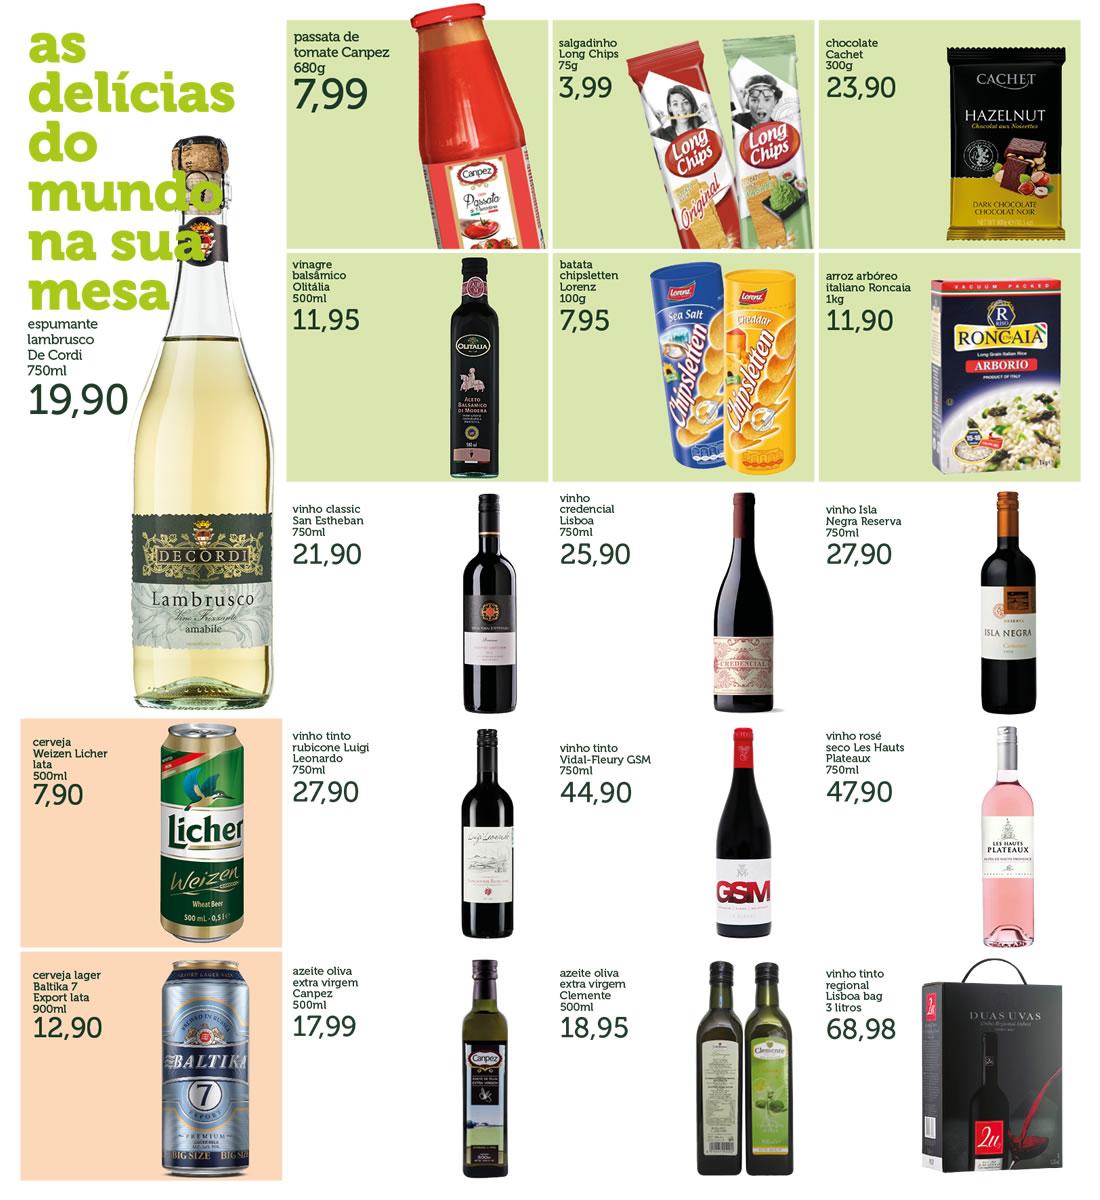 caita_supermercados_tabloide_bento_julho2018_09